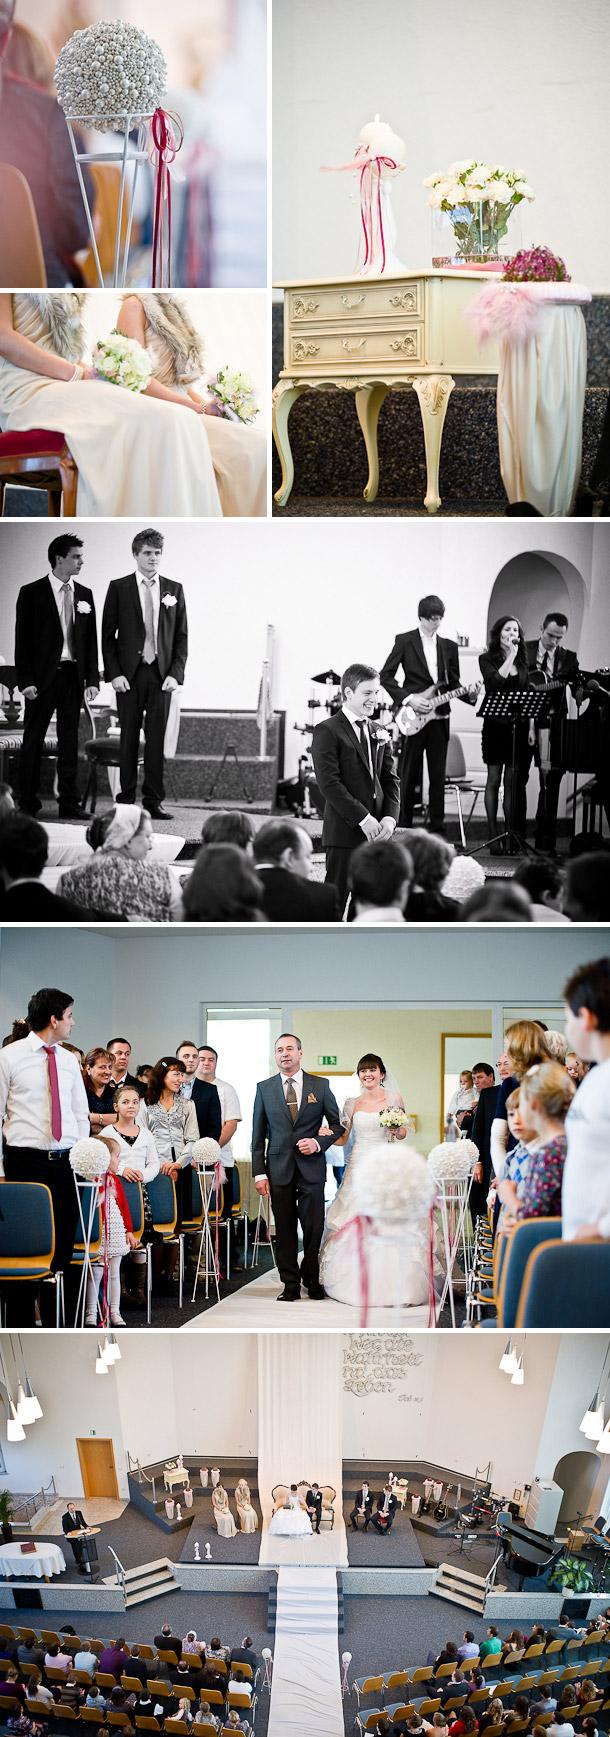 Anna und Romans Hochzeit bei Jon Pride Photography